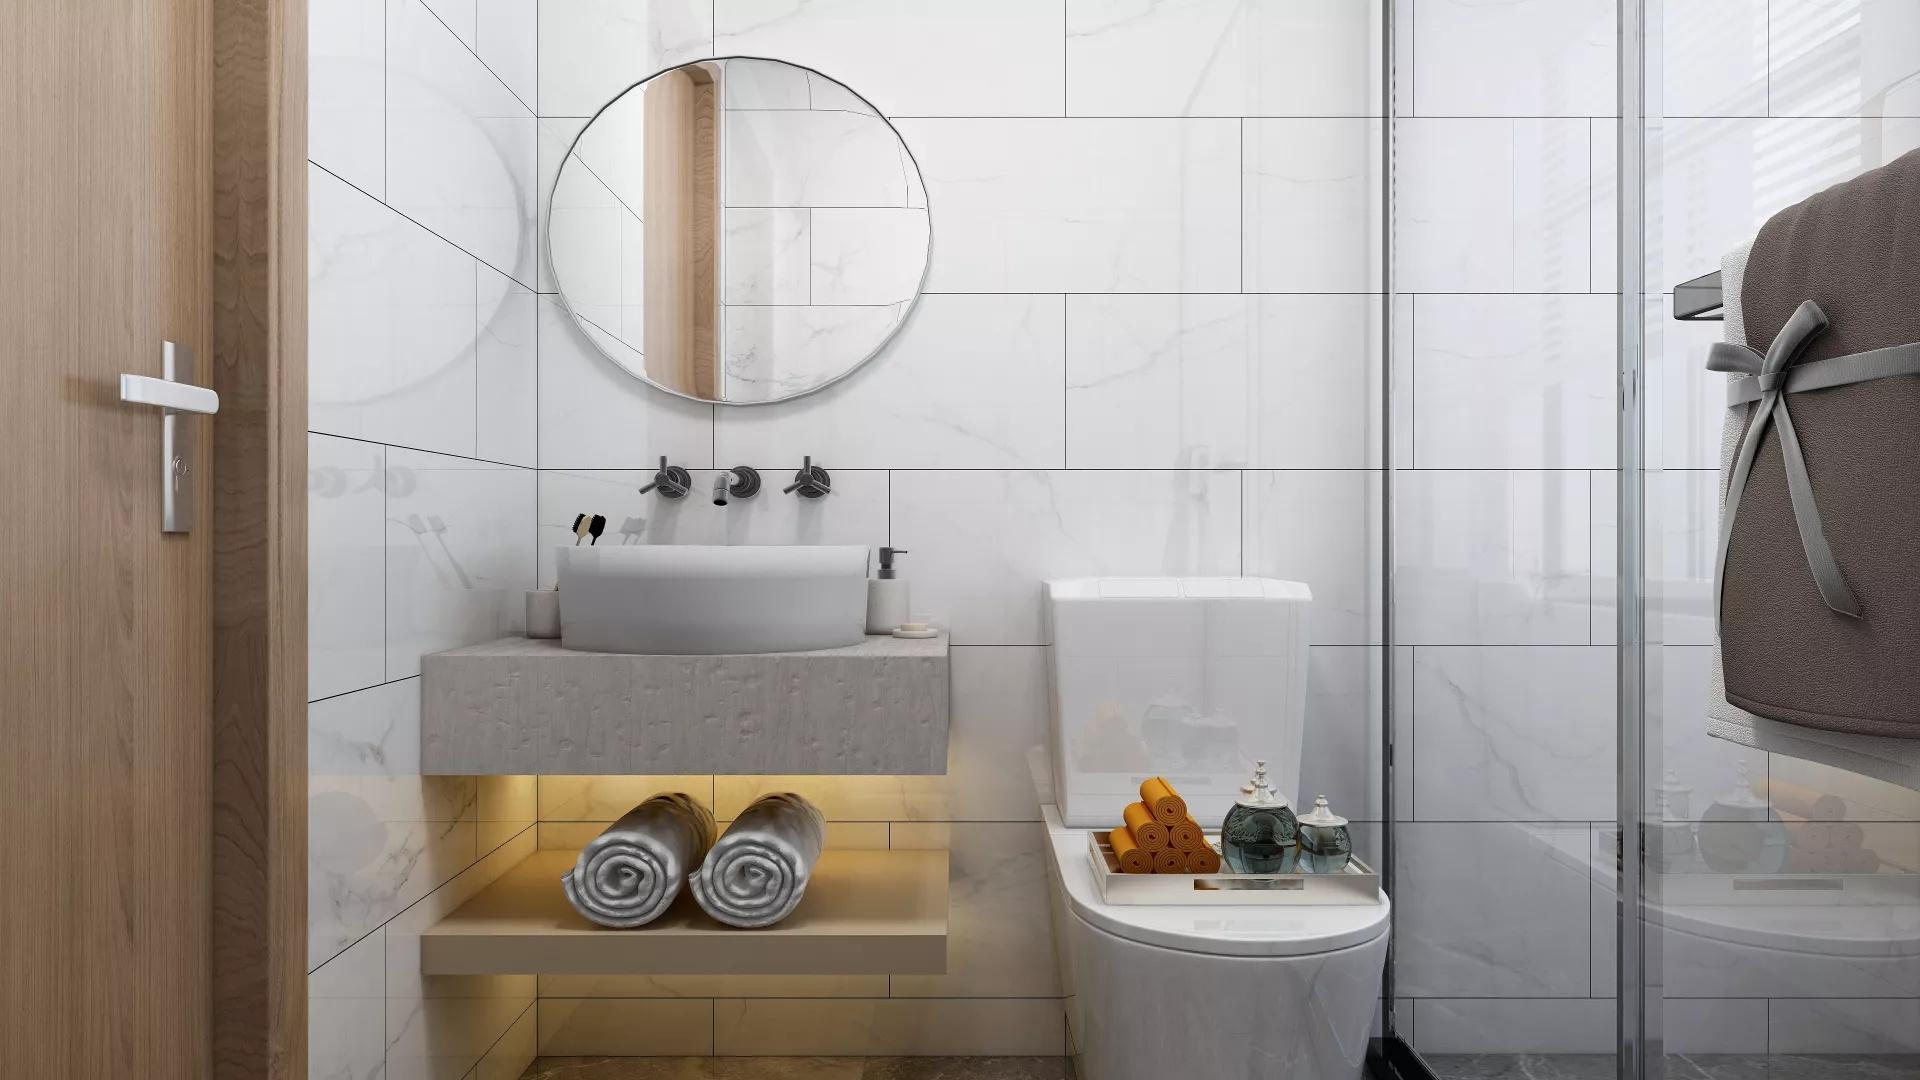 舒适简洁风格餐厅设计效果图